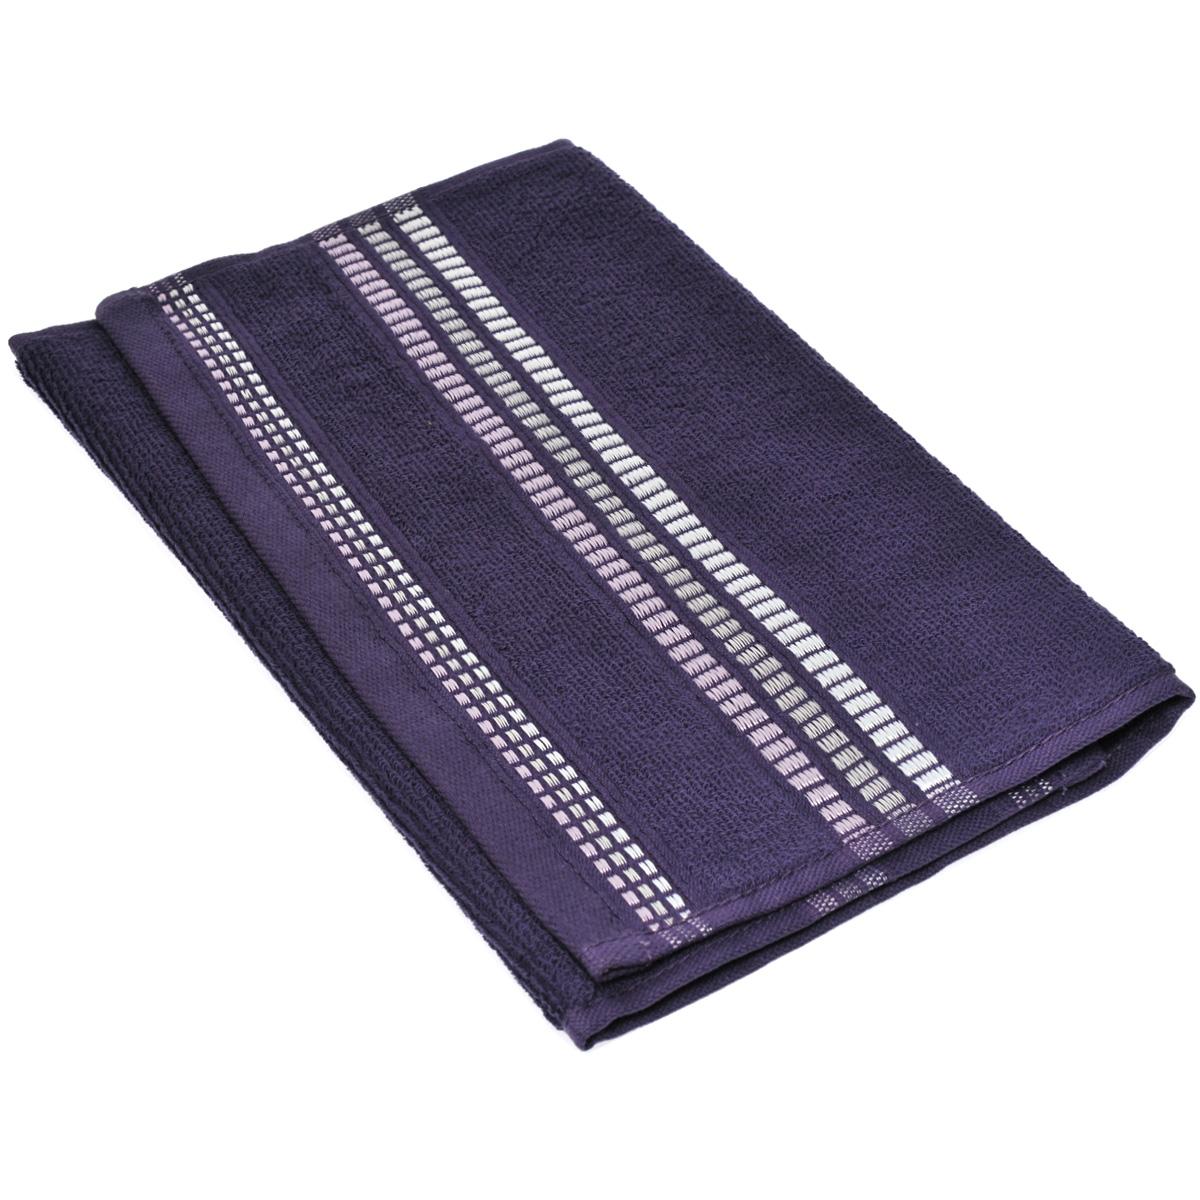 Полотенце махровое Coronet Пиано, цвет: фиолетовый, 30 х 50 см391602Махровое полотенце Coronet Пиано, изготовленное из натурального хлопка, подарит массу положительных эмоций и приятных ощущений. Полотенце отличается нежностью и мягкостью материала, утонченным дизайном и превосходным качеством. Оно прекрасно впитывает влагу, быстро сохнет и не теряет своих свойств после многократных стирок. Махровое полотенце Coronet Пиано станет достойным выбором для вас и приятным подарком для ваших близких. Мягкость и высокое качество материала, из которого изготовлены полотенца не оставит вас равнодушными.